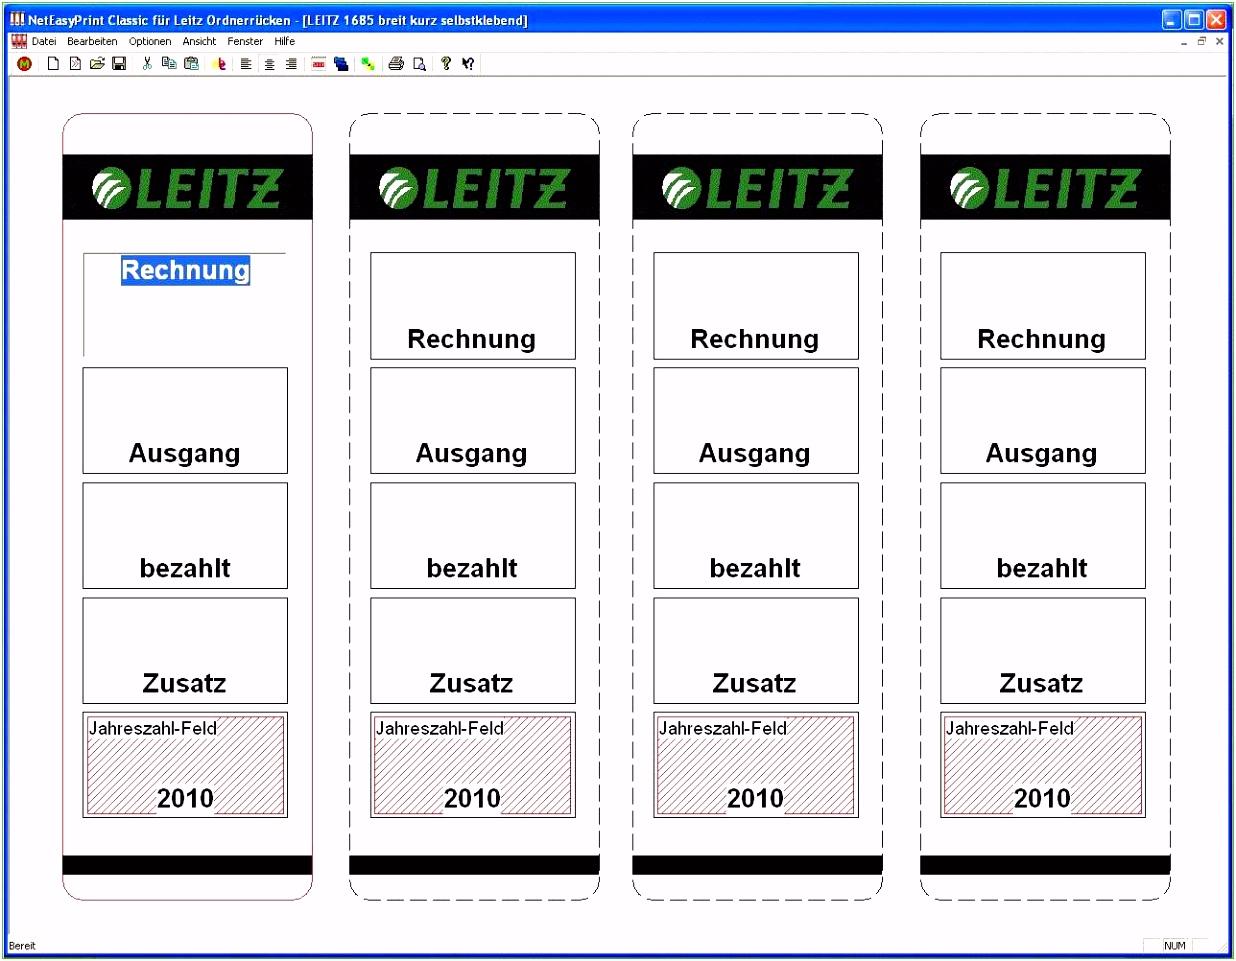 Leitz Ruckenschilder Vorlage Word Download Privatkredit Vorlage Erstaunlich Vorlage Privater Darlehensvertrag P4eb46yxn2 Vspkmvbdr6